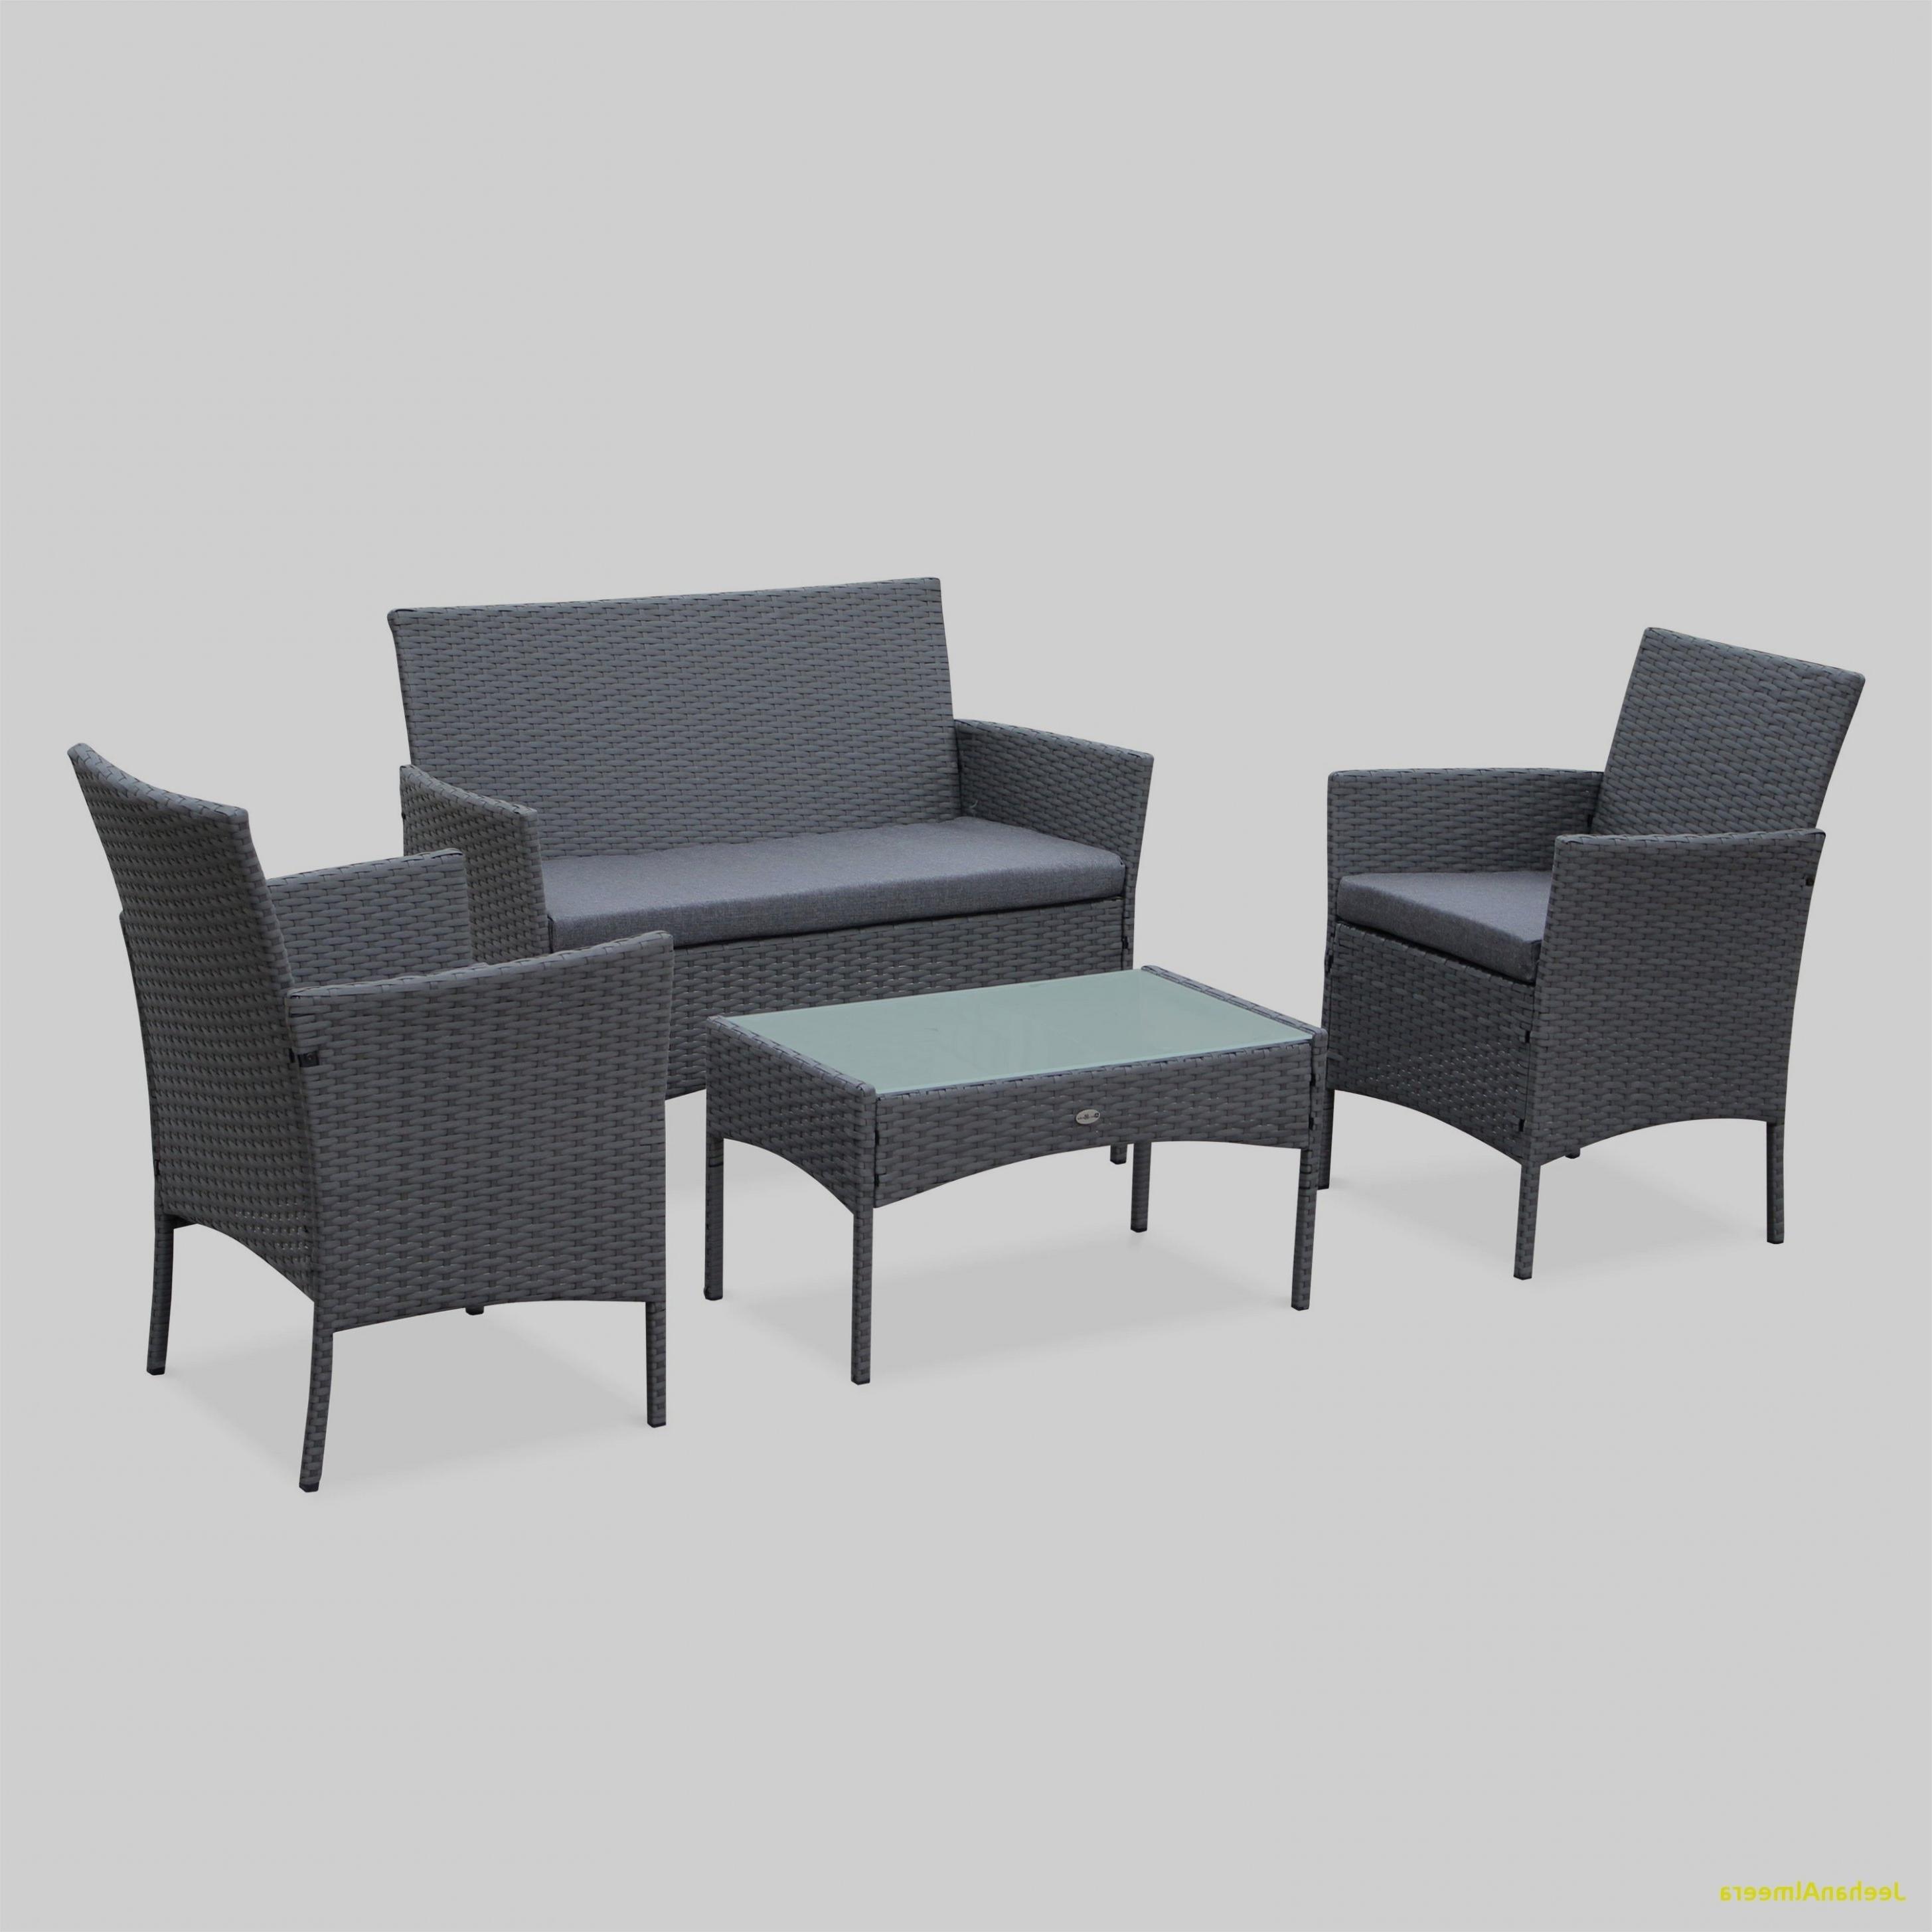 Sofas De Exterior E6d5 sofas De Exterior Vaste Zweiersofa Ikea Elegant Ikea De sofa Frisch